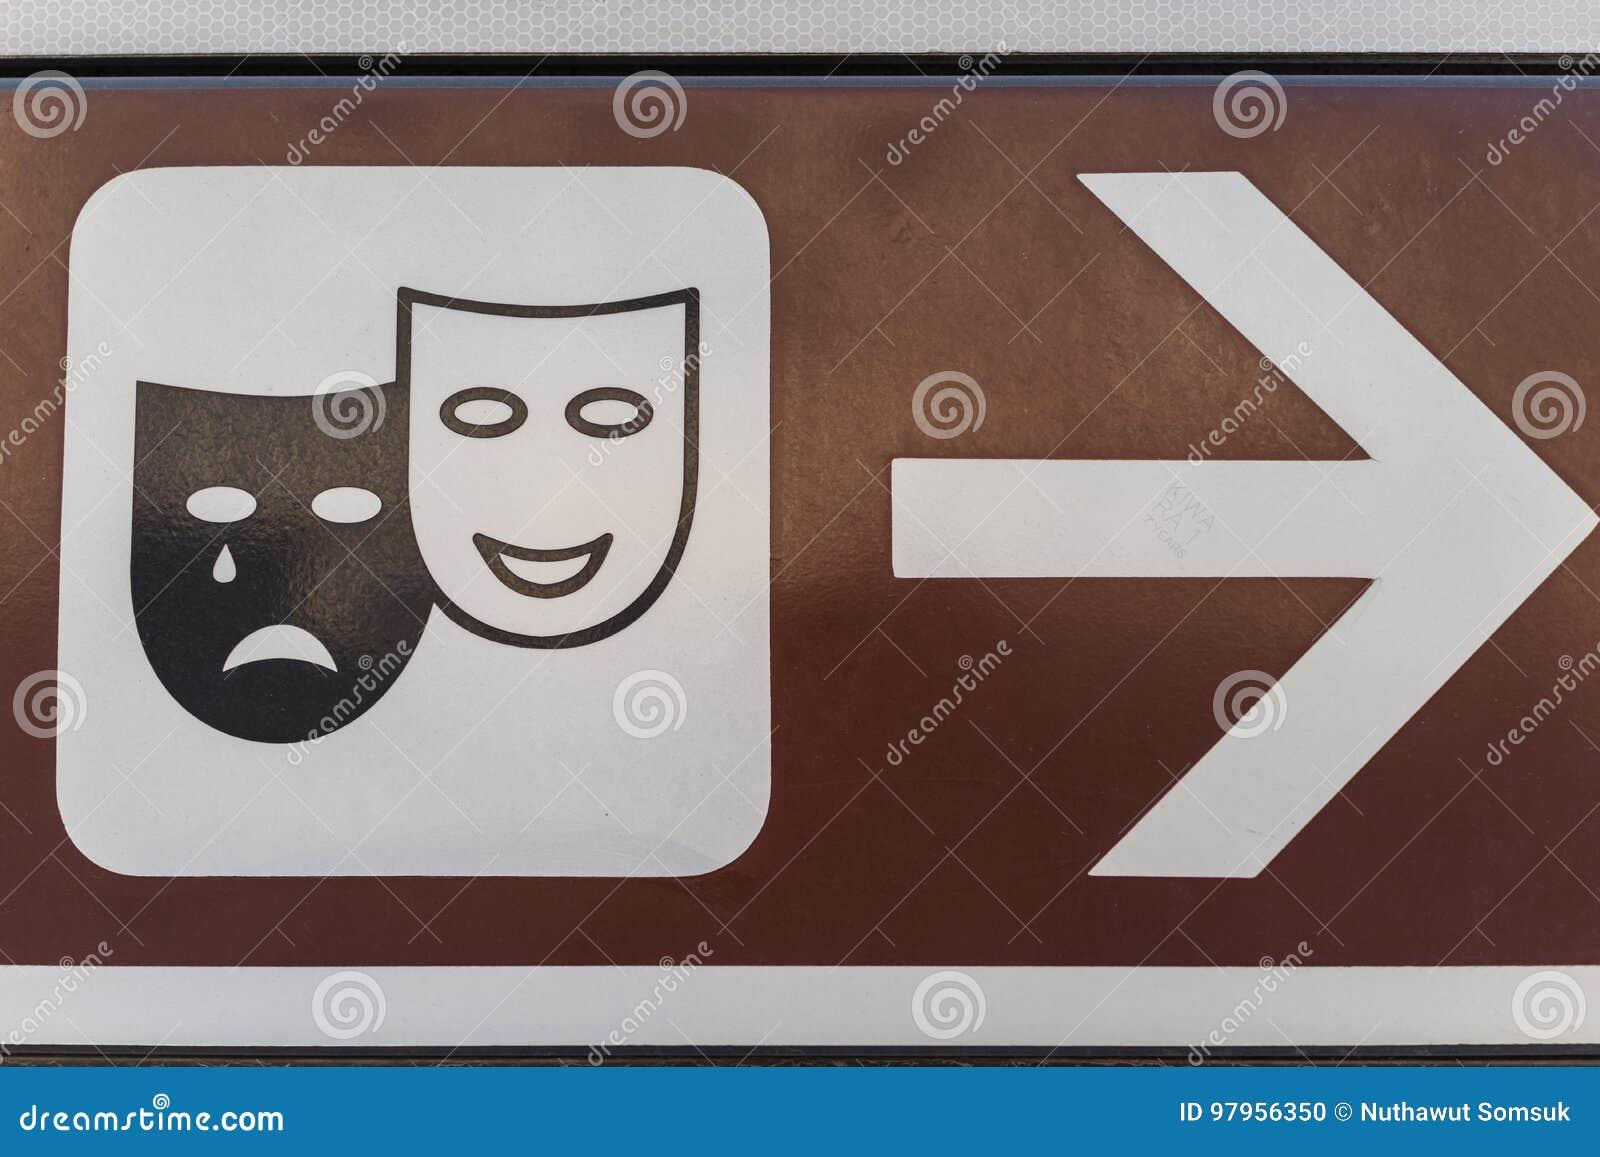 Cara de grito e de riso tradicional como o teatro ou o sinal de broadway